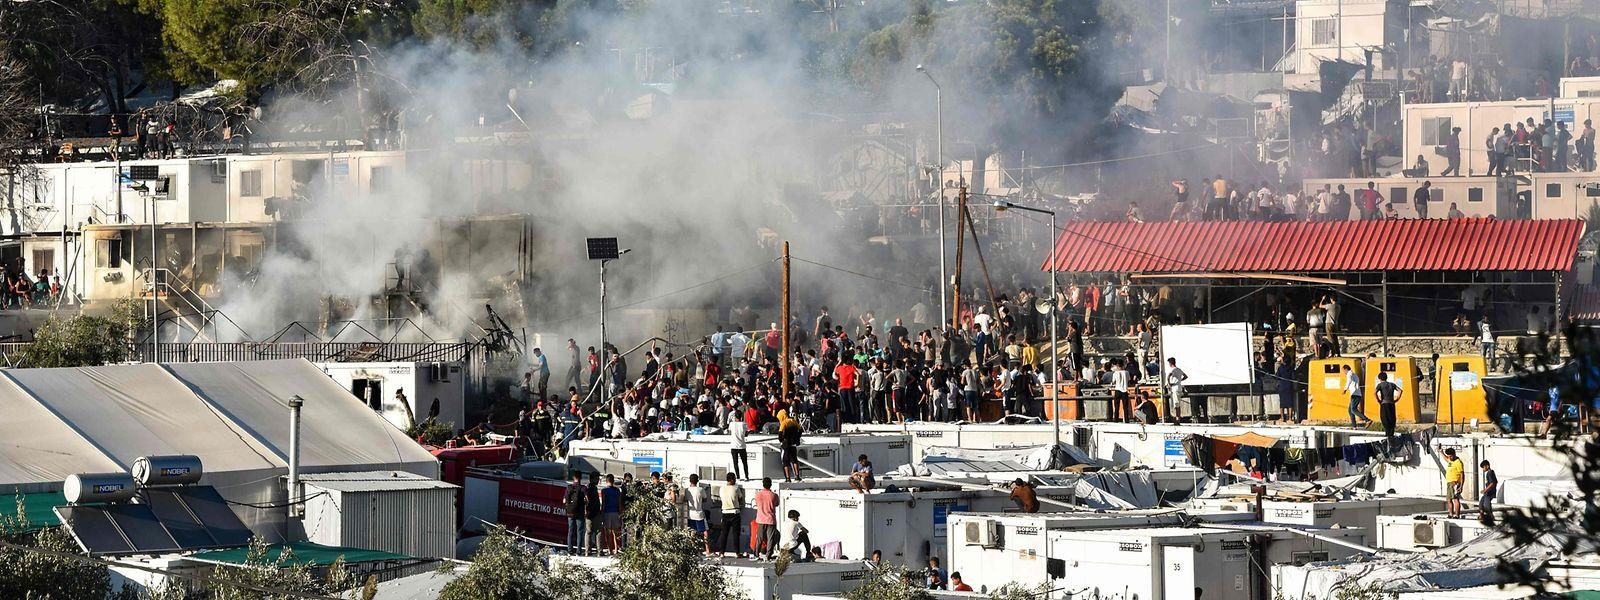 Wenn Tausende Menschen auf engstem Raum zusammengepfercht sind, kann der kleinste Zwischenfall zu einer Explosion der Wut führen. Genau das ist auf Lesbos passiert.